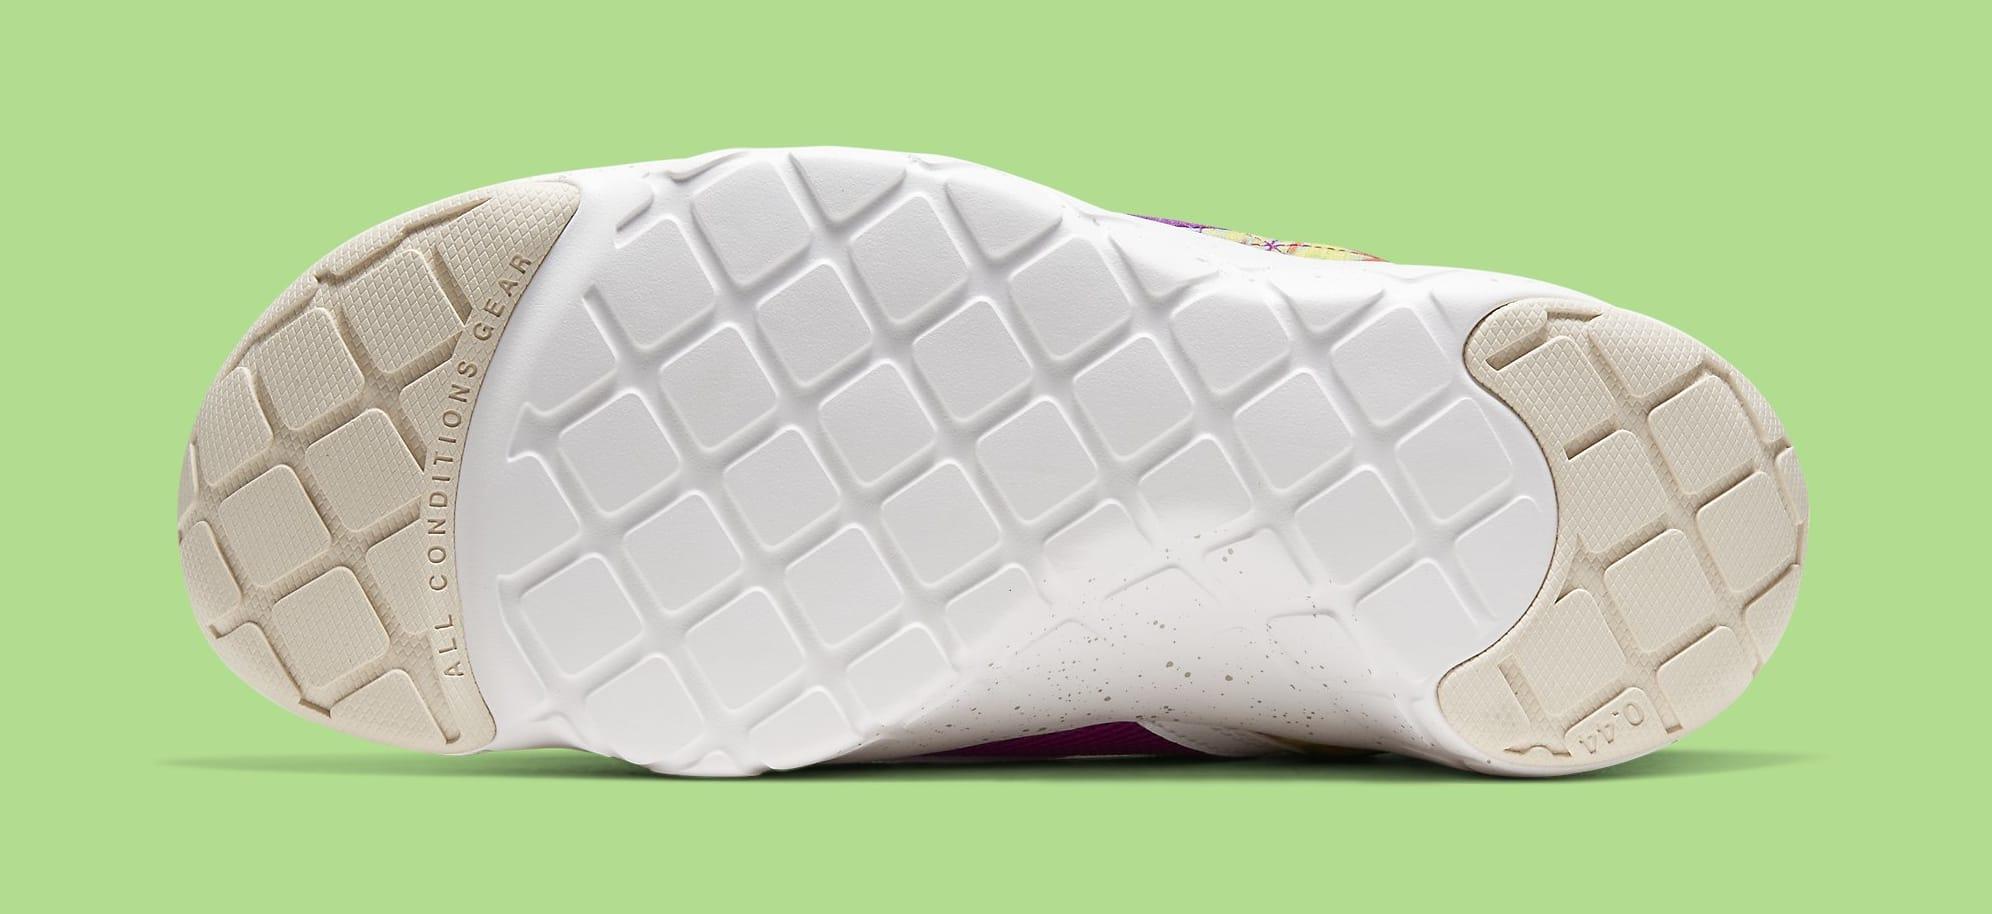 Nike ACG Moc 3.0 'Tie-Dye' CW2463-300 Outsole